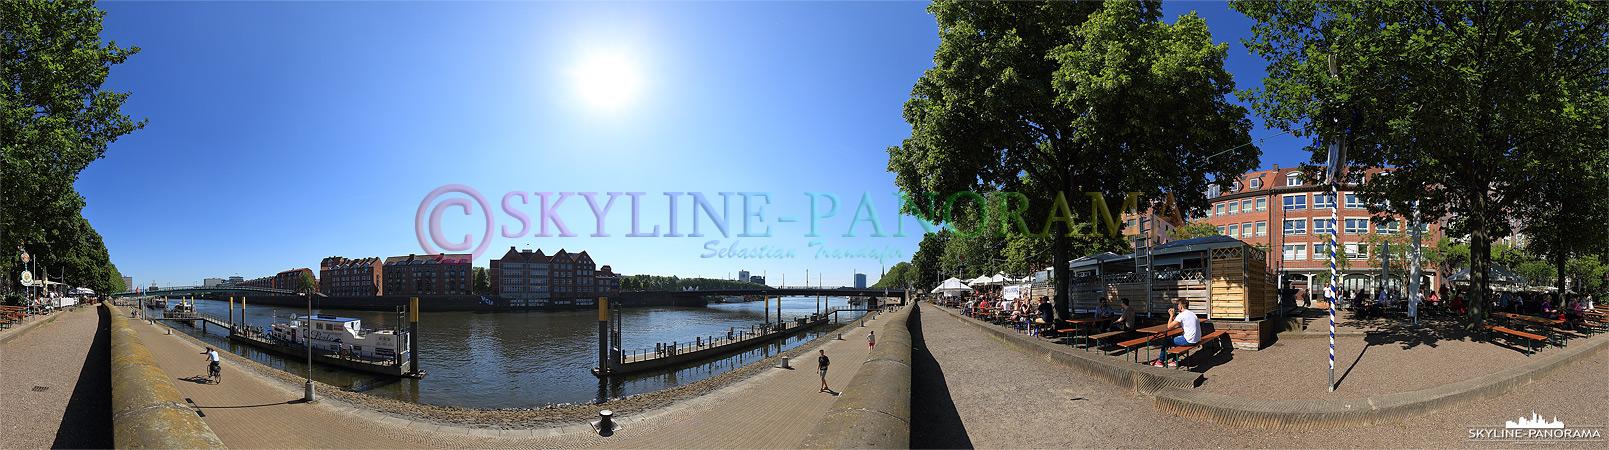 Biergarten am Weserufer - Die historische Uferpromenade Schlachte an der Weser in Bremen als Panoramaansicht. Hier laden einige Biergärten in der warmen Jahreshälfte zum Verweilen ein.